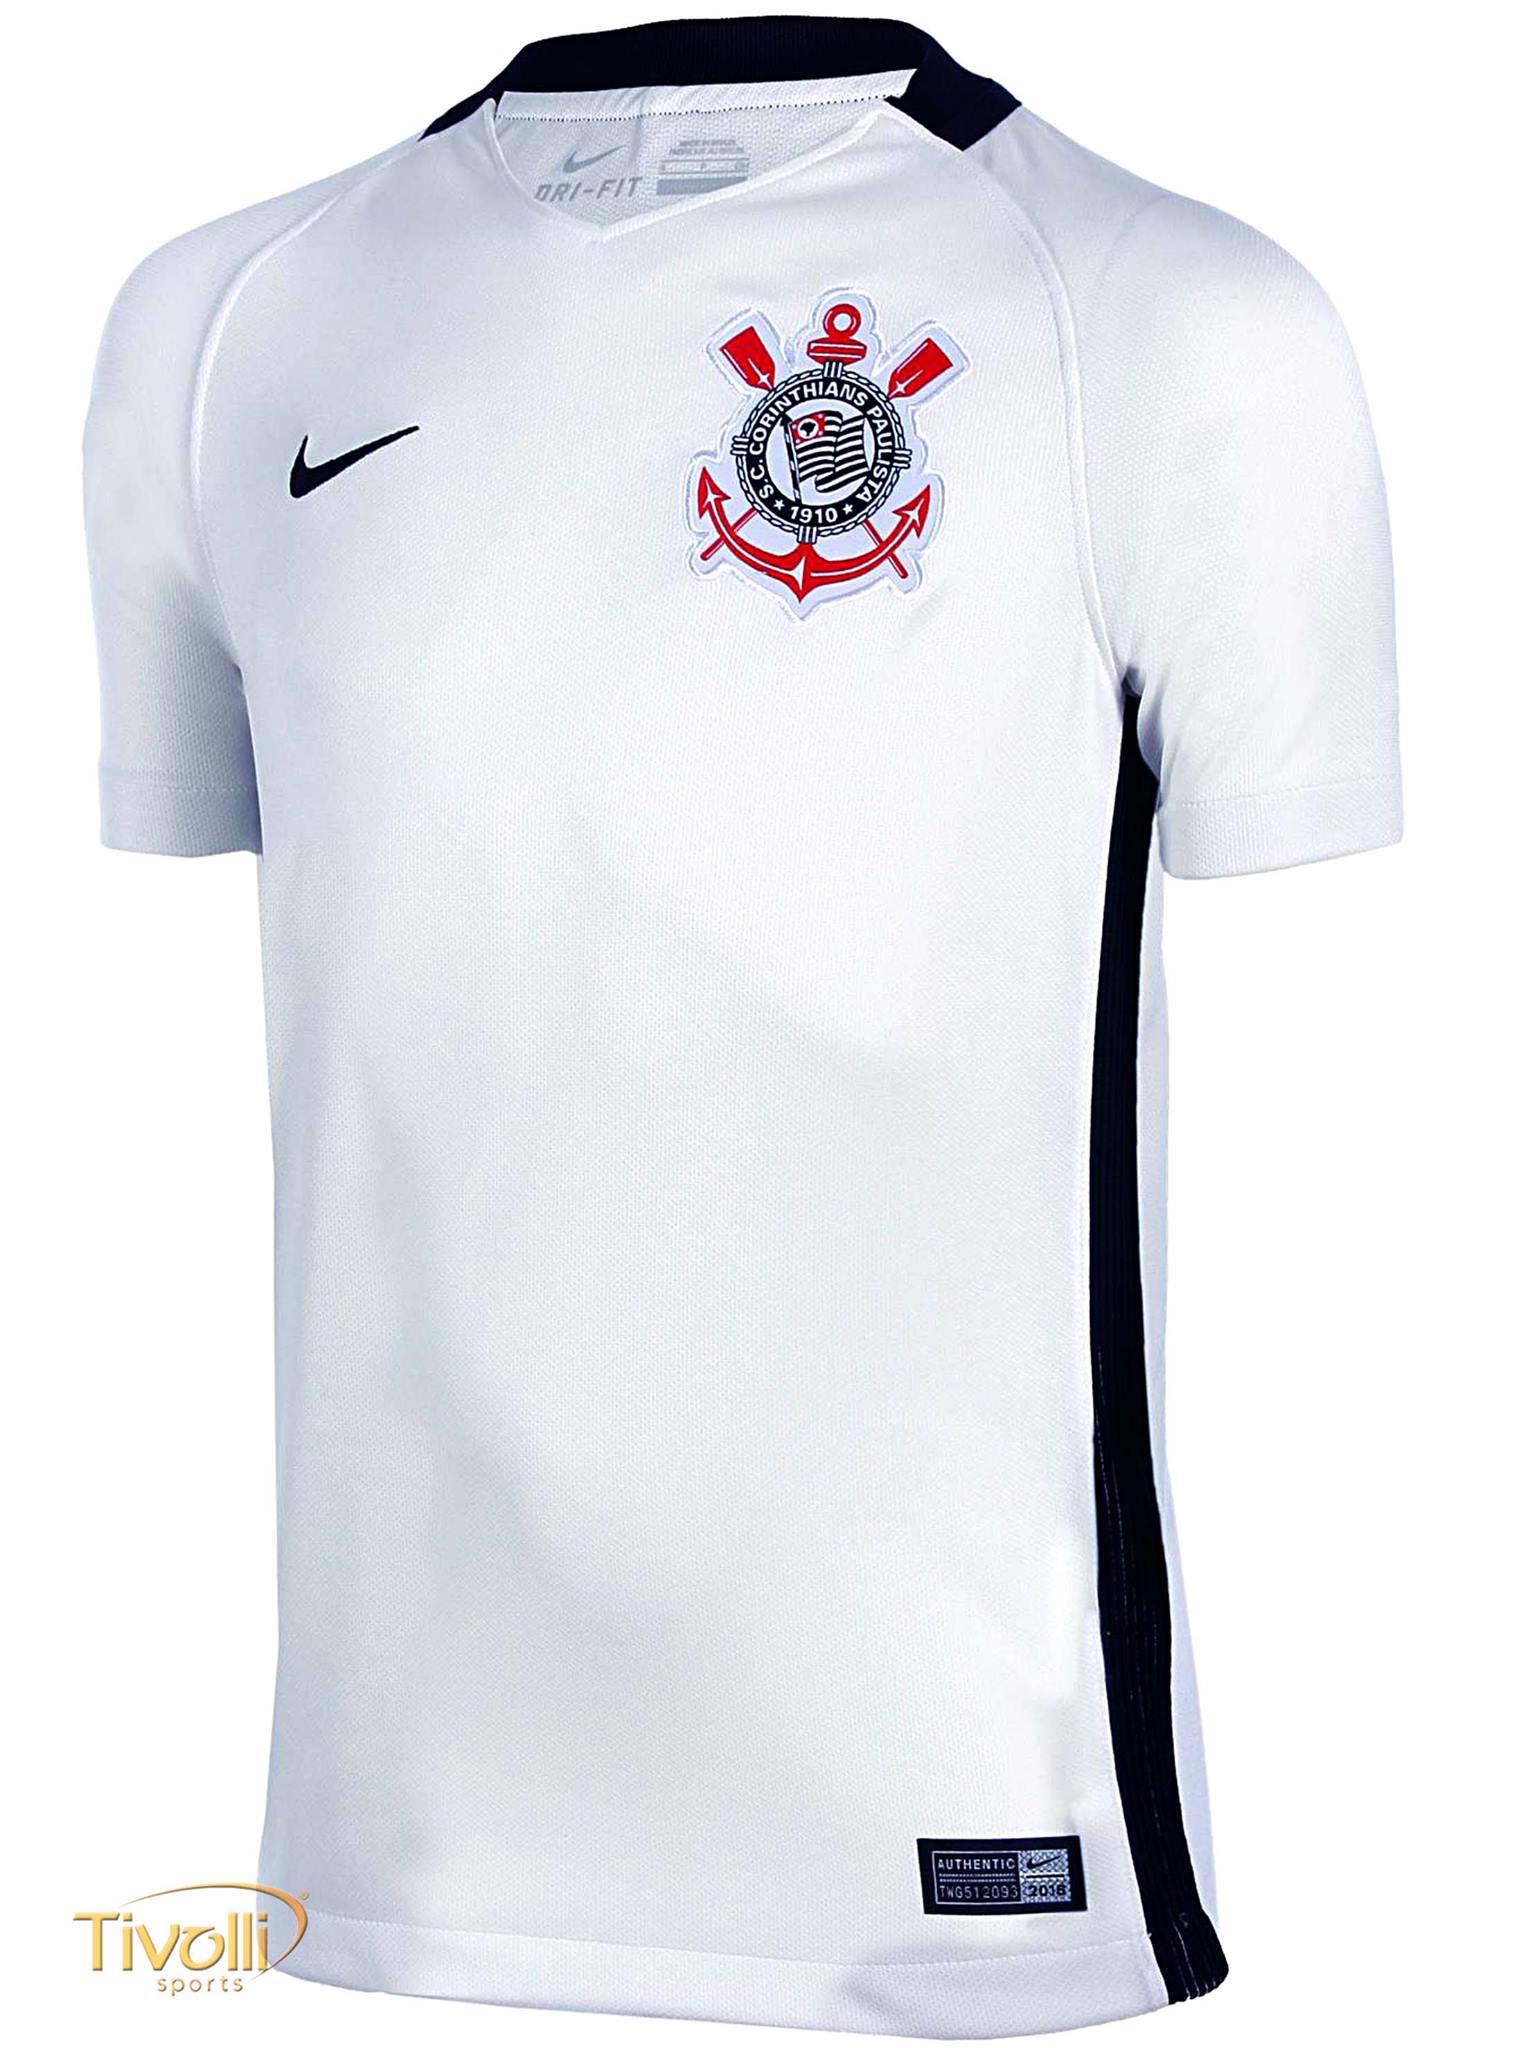 Camisa Nike Corinthians I Home Infantil Torcedor 2016 2017 Branca e Preta 574a44e8ec26e